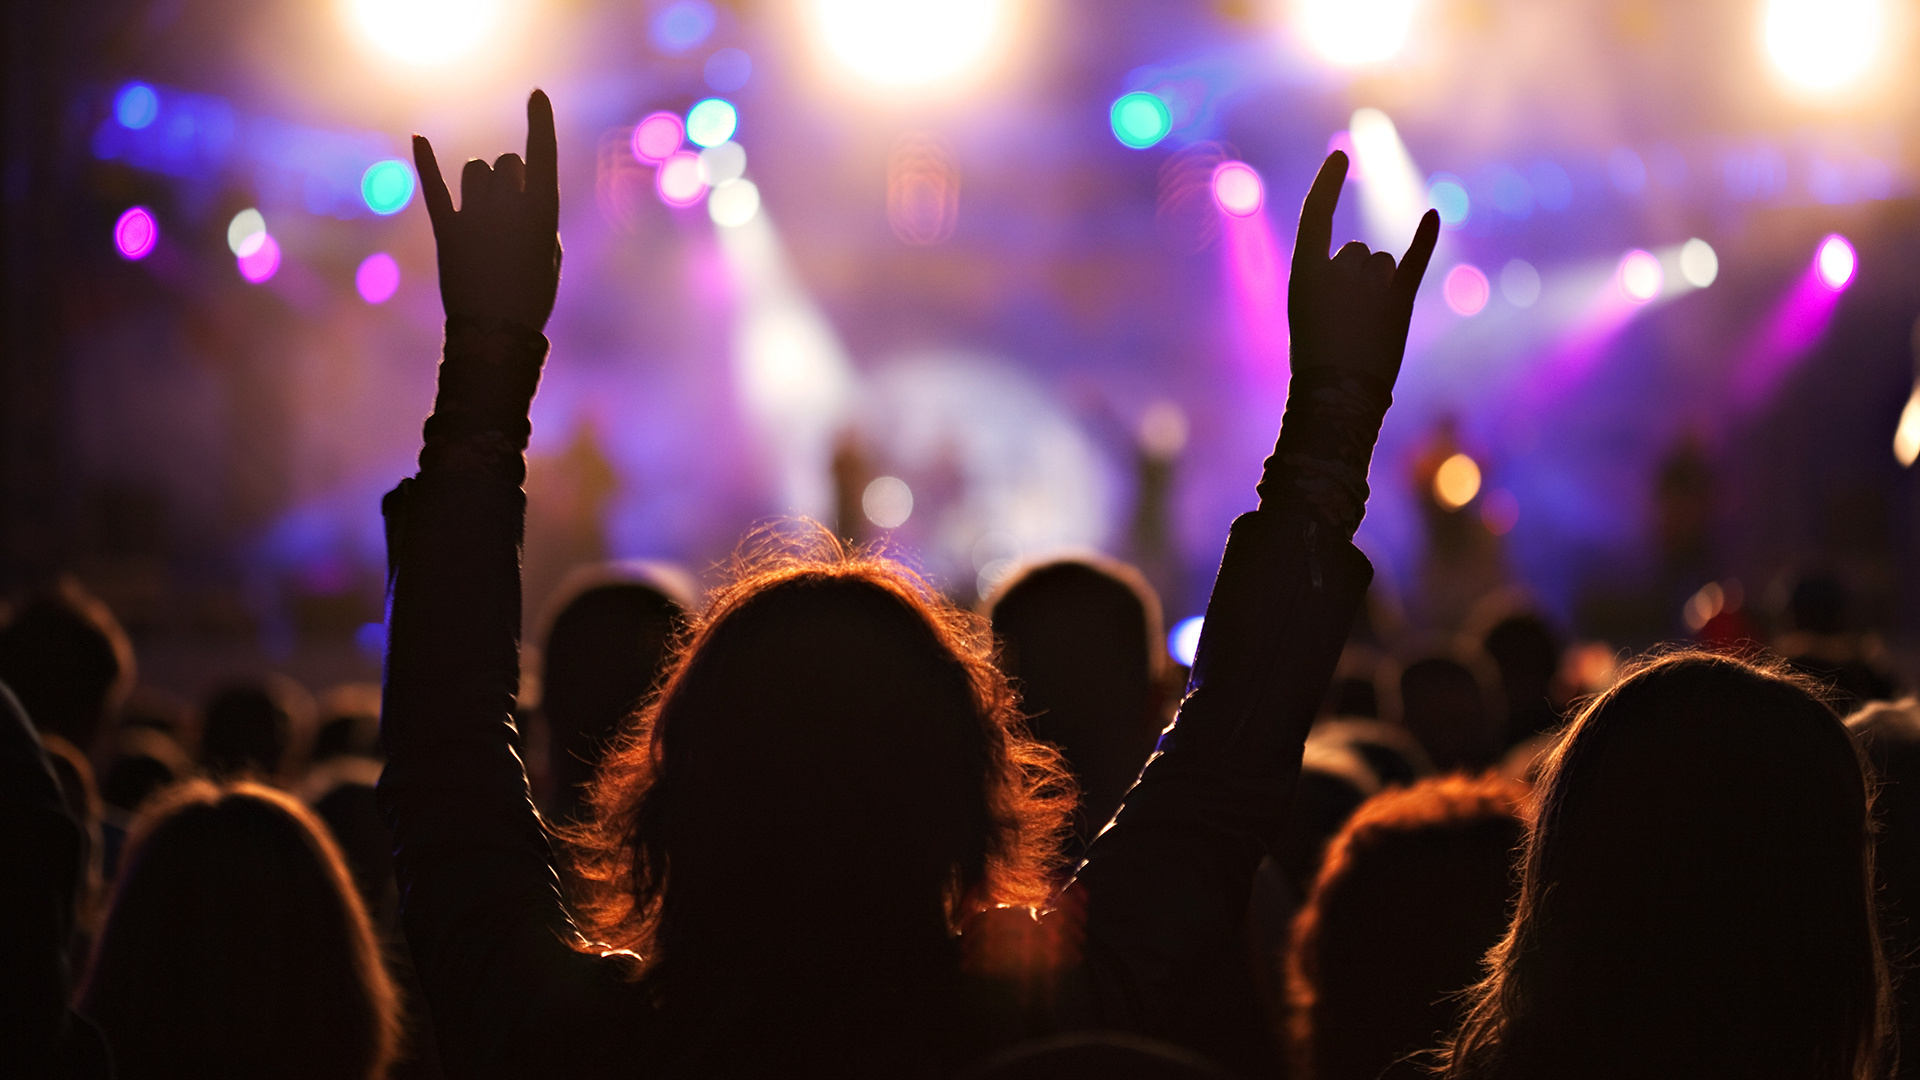 Photo of TOP-7 Московских рок-концертов декабря TOP-7 Московских рок-концертов декабря TOP-7 Московских рок-концертов декабря 6938 51b7cf74c8754